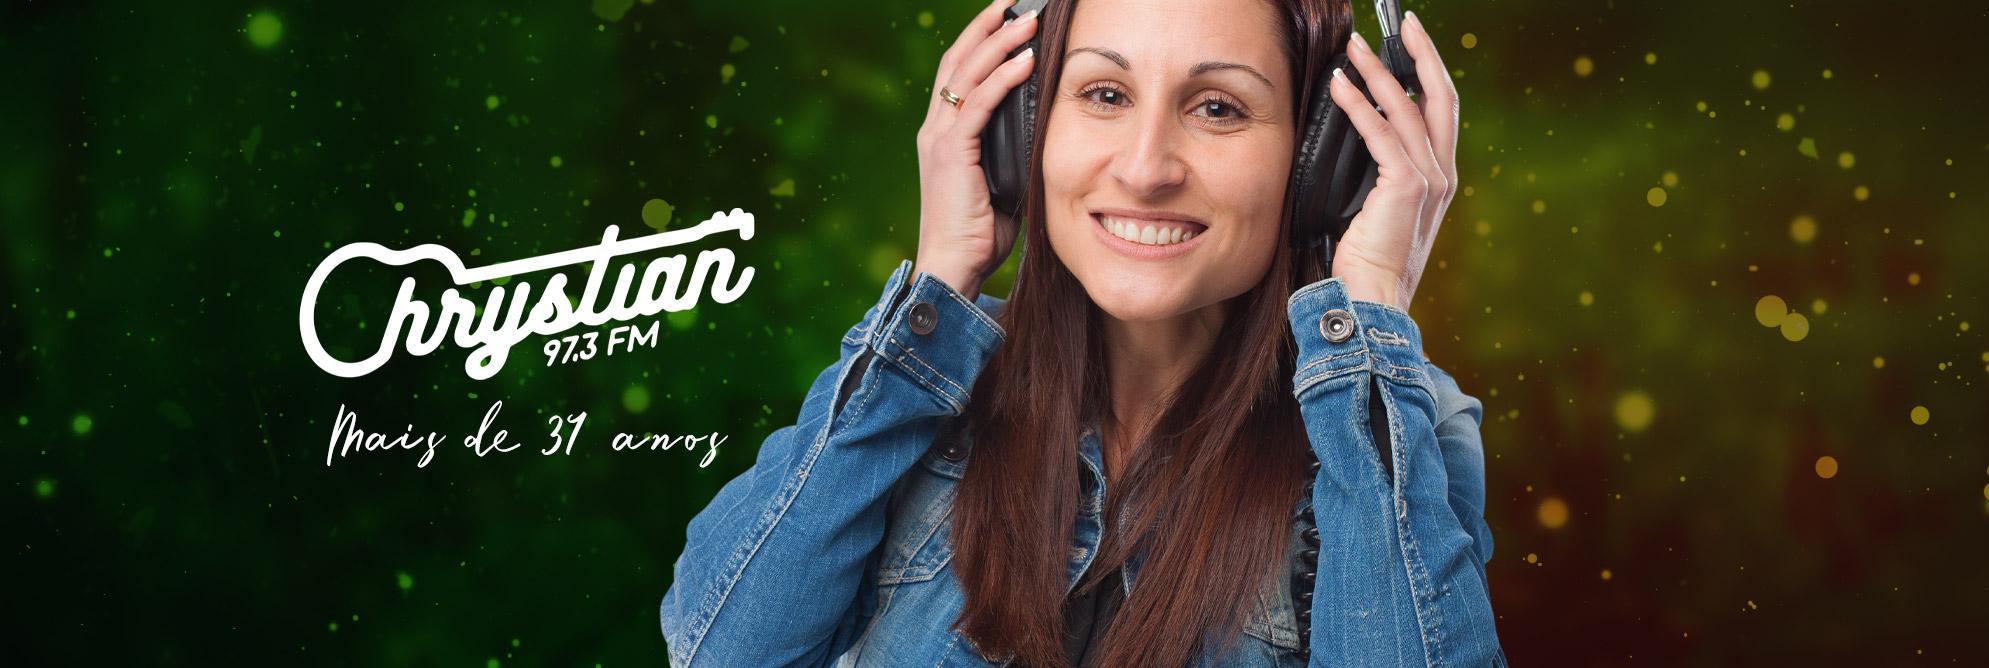 Chrystian FM - 37 Anos